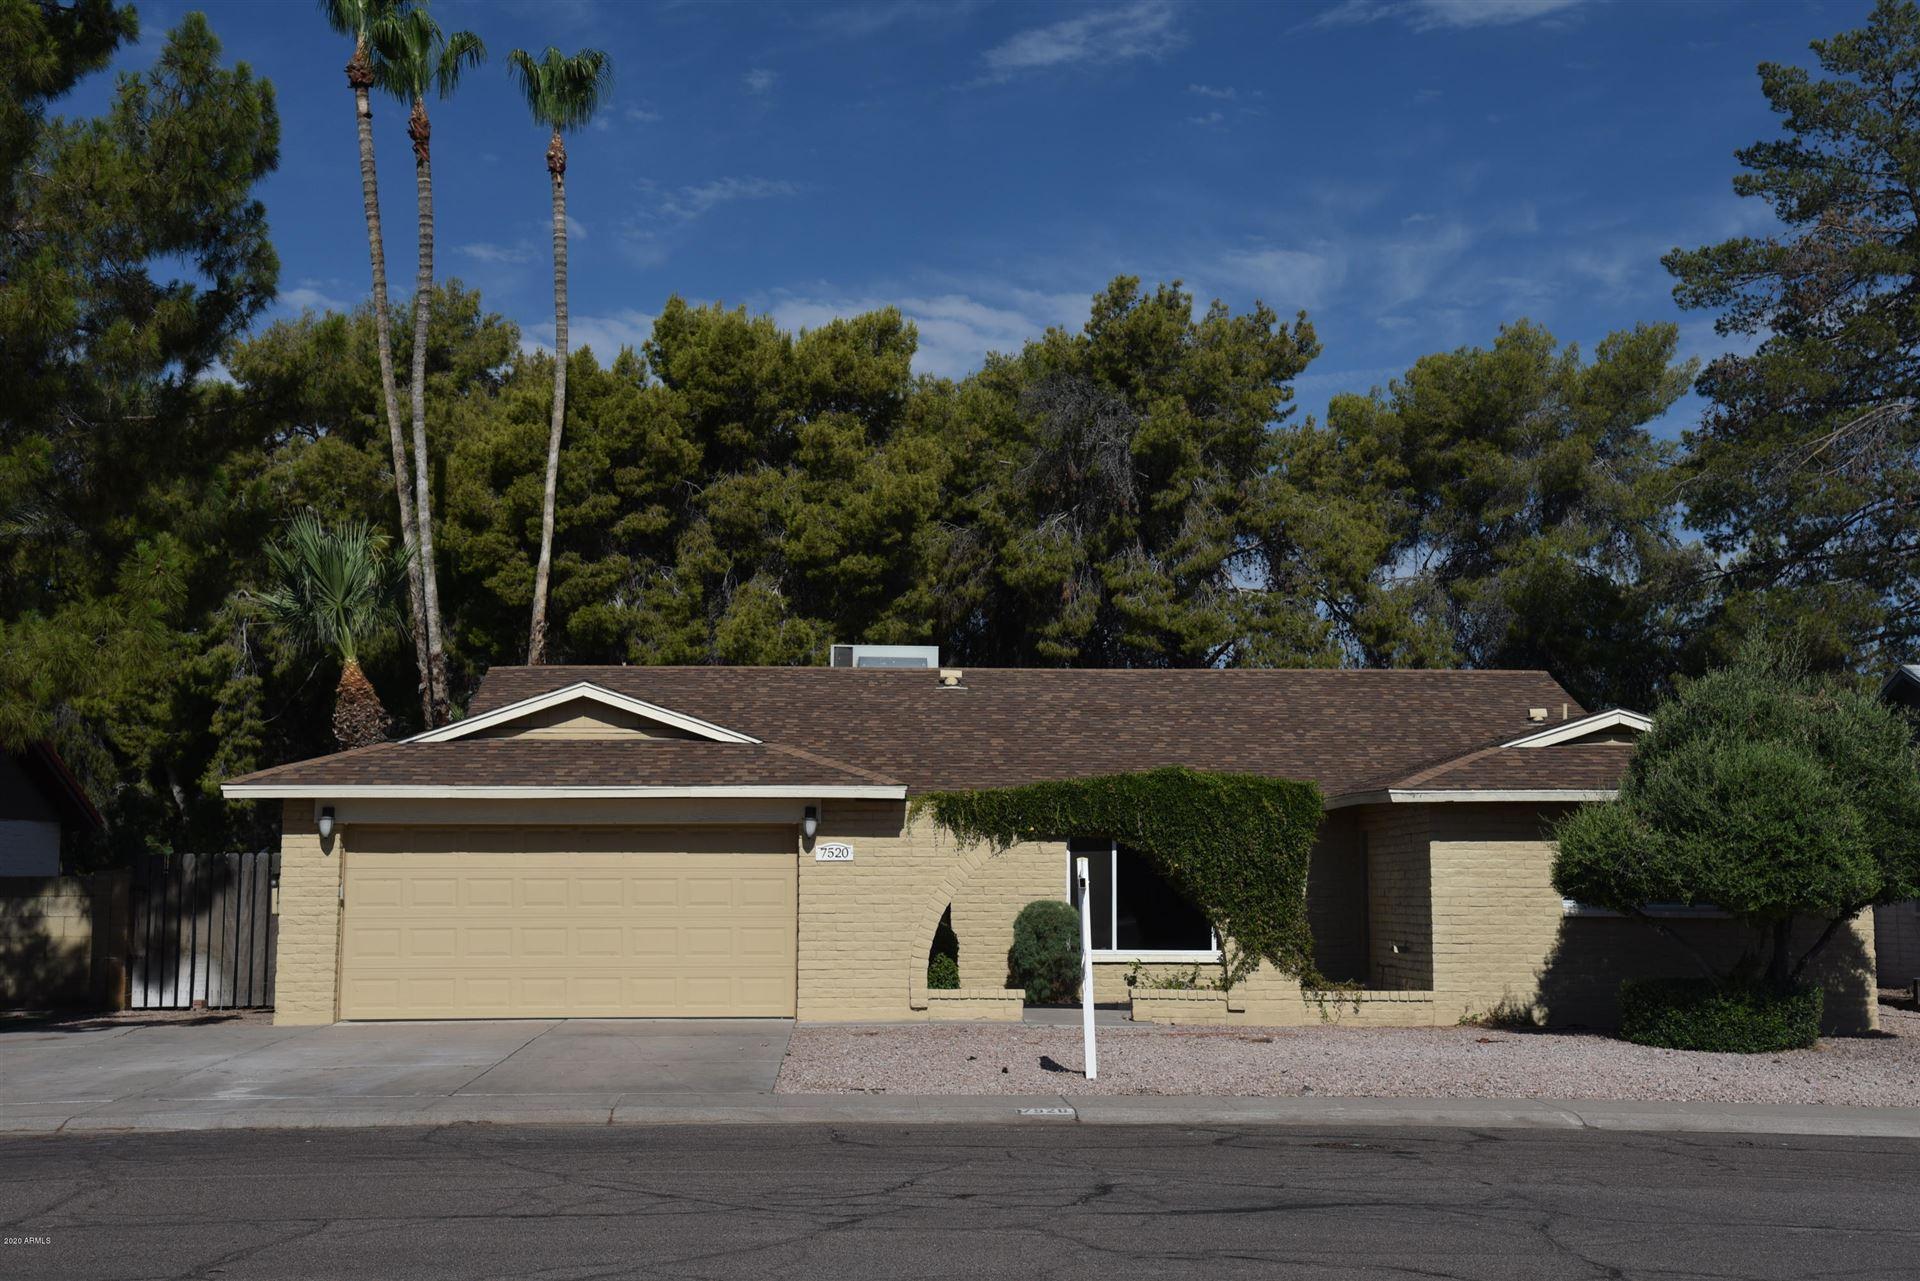 7520 S FOREST Avenue, Tempe, AZ 85283 - #: 6096540